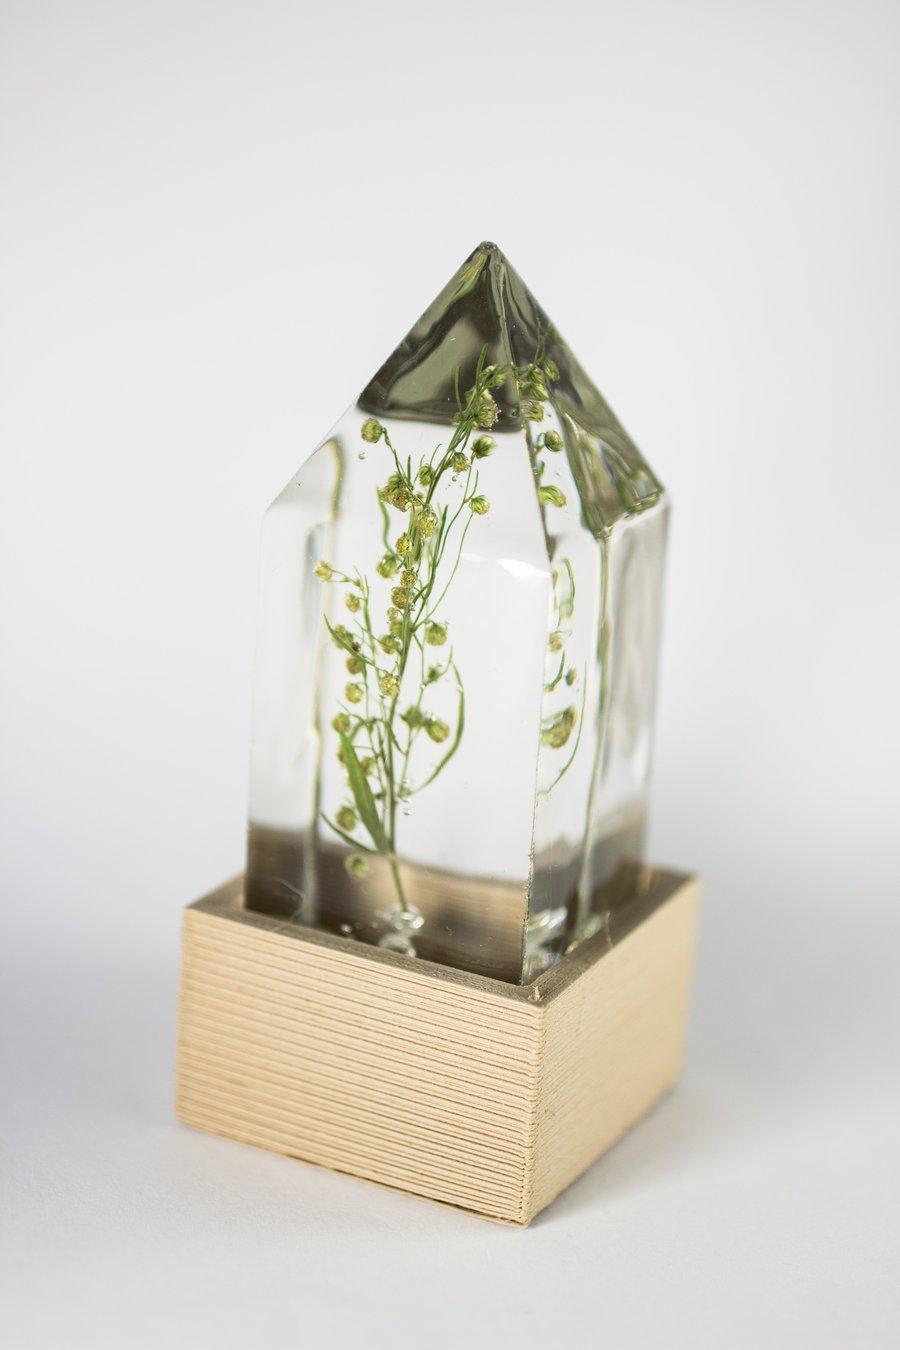 Image of Wormwood (Artemisia absinthium) - Floral Prism Light